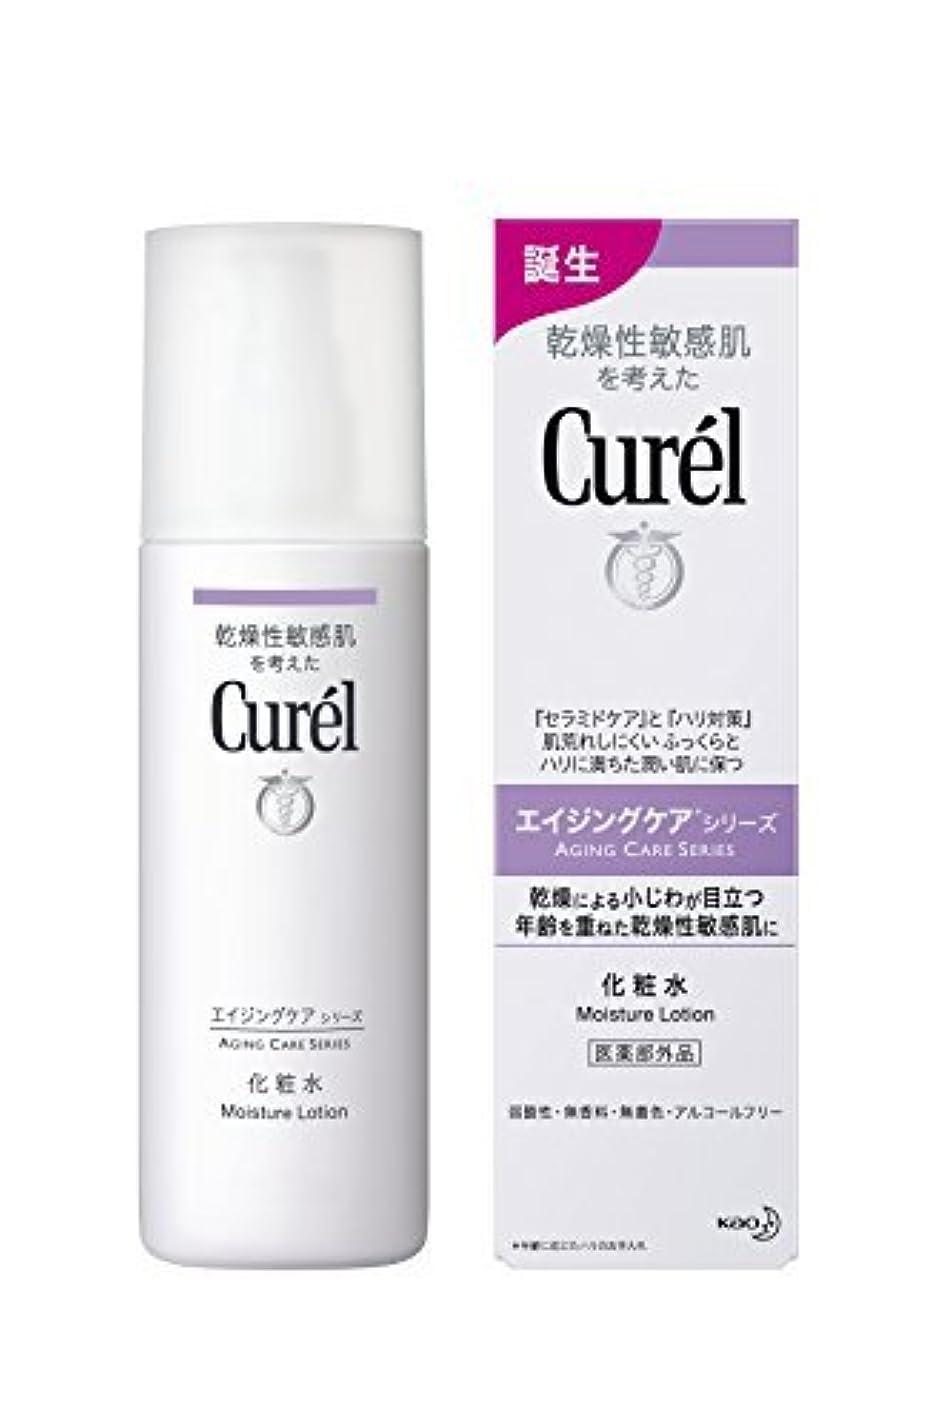 花王 キュレル エイジングケアシリーズ 化粧水 140ml × 12個セット